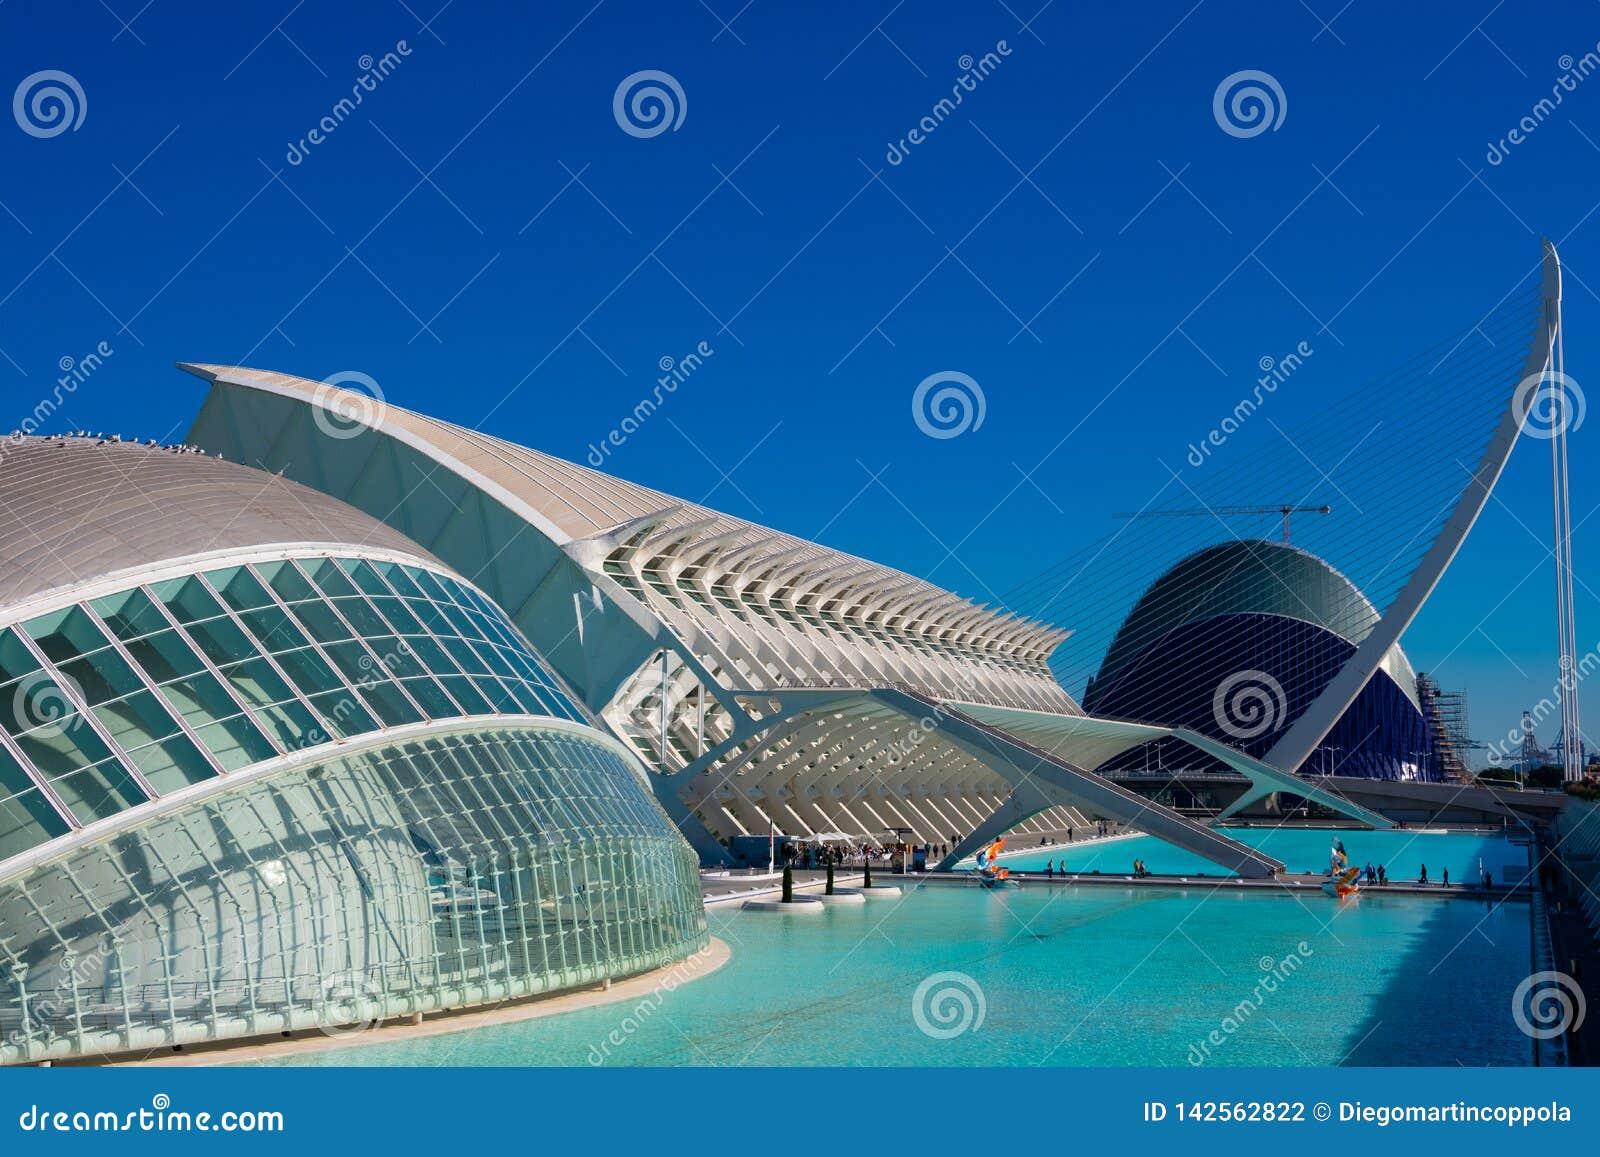 艺术装城市de hemisferic l les贝劳于罐中科学看见索非亚的女王 建筑师圣地牙哥・卡拉特拉瓦和菲利克斯坎德拉